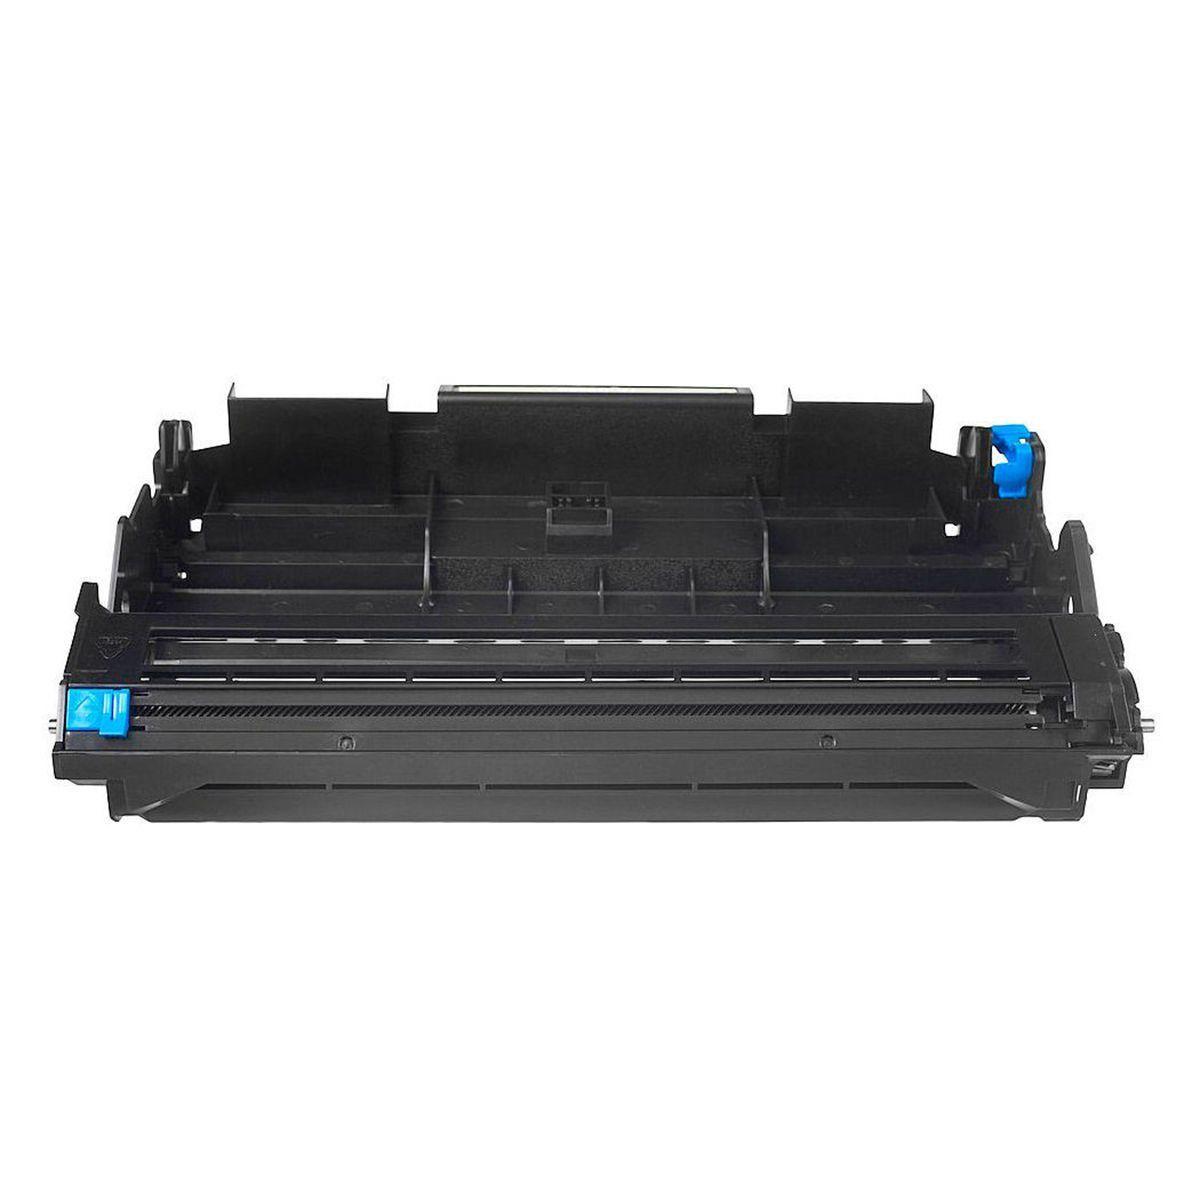 Compatível: Fotocondutor DR360 para Brother HL2140 HL2150 HL2170 DCP-7030 DCP-7040 MFC-7320 7440n 7440 7840 / 12.000